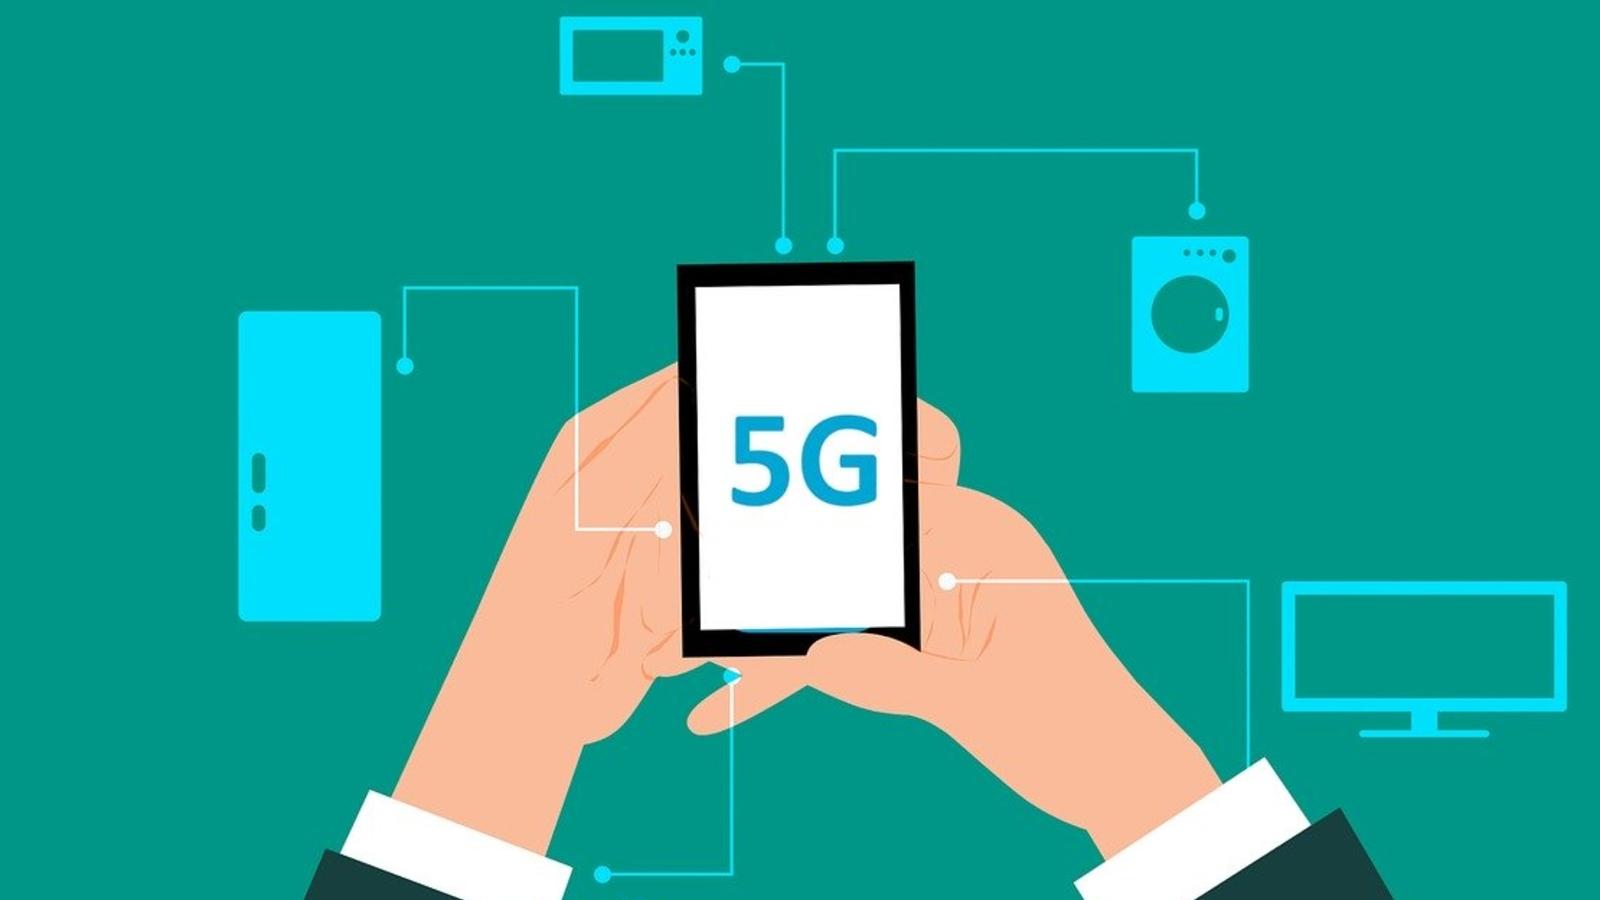 L'ARCEP confirme : les enchères 5G démarreront entre le 20 et le 30 septembre 2020